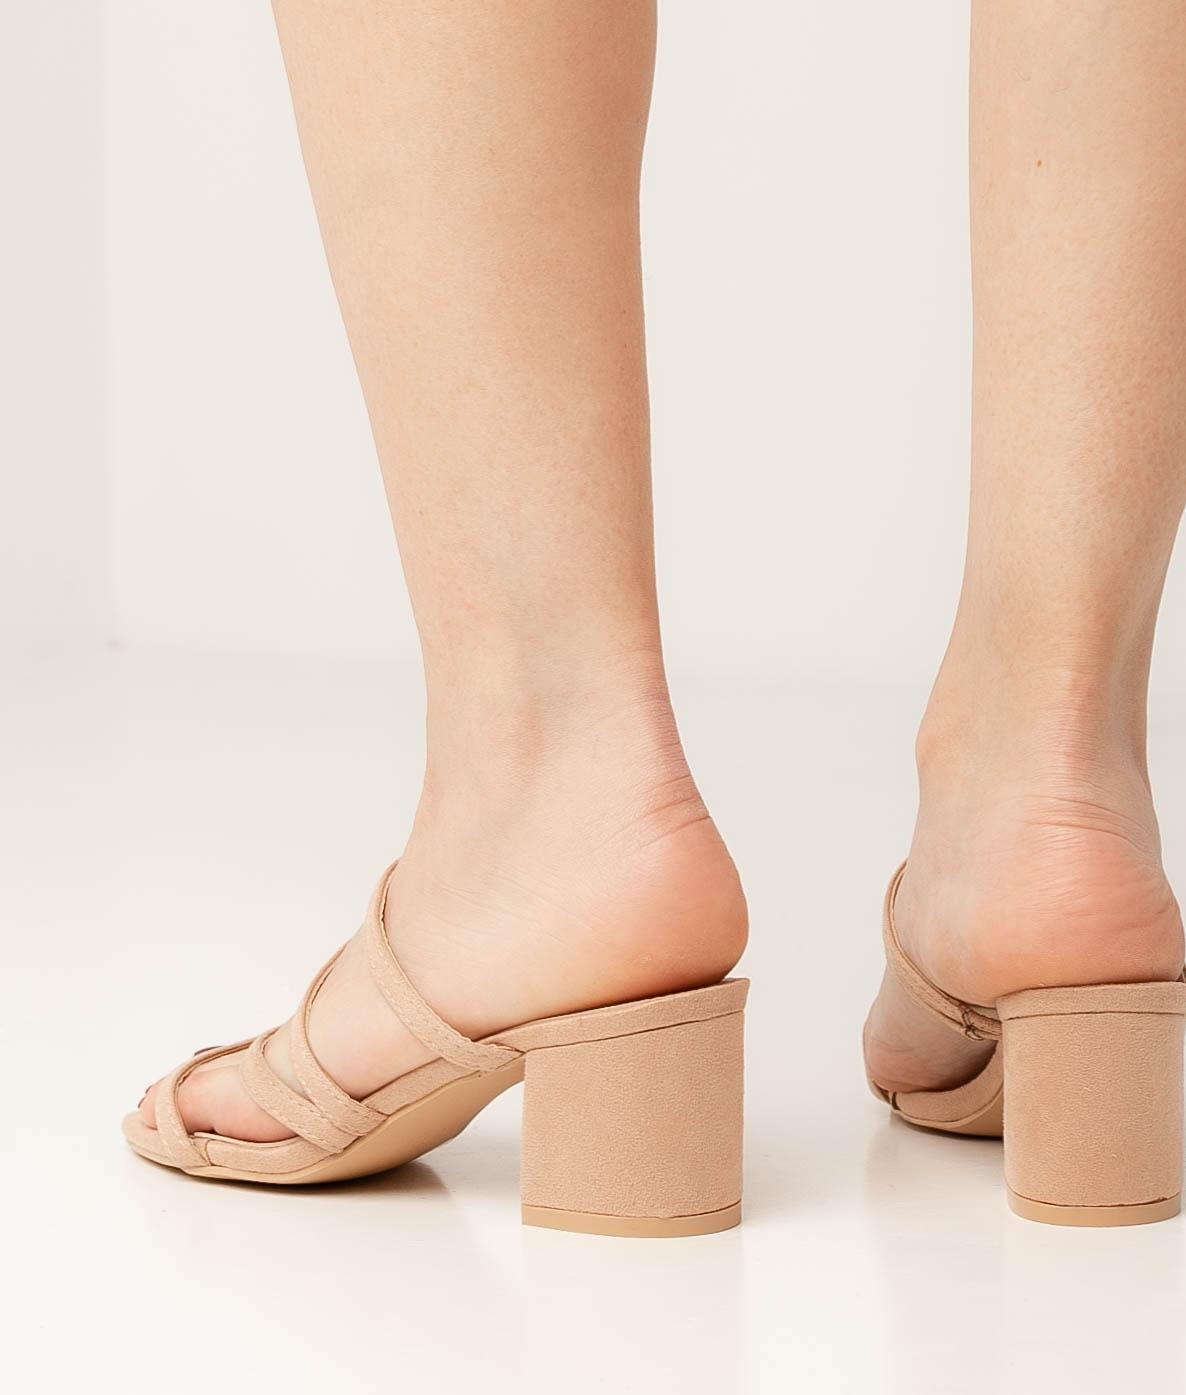 Sandale Talon Lukue - Beige